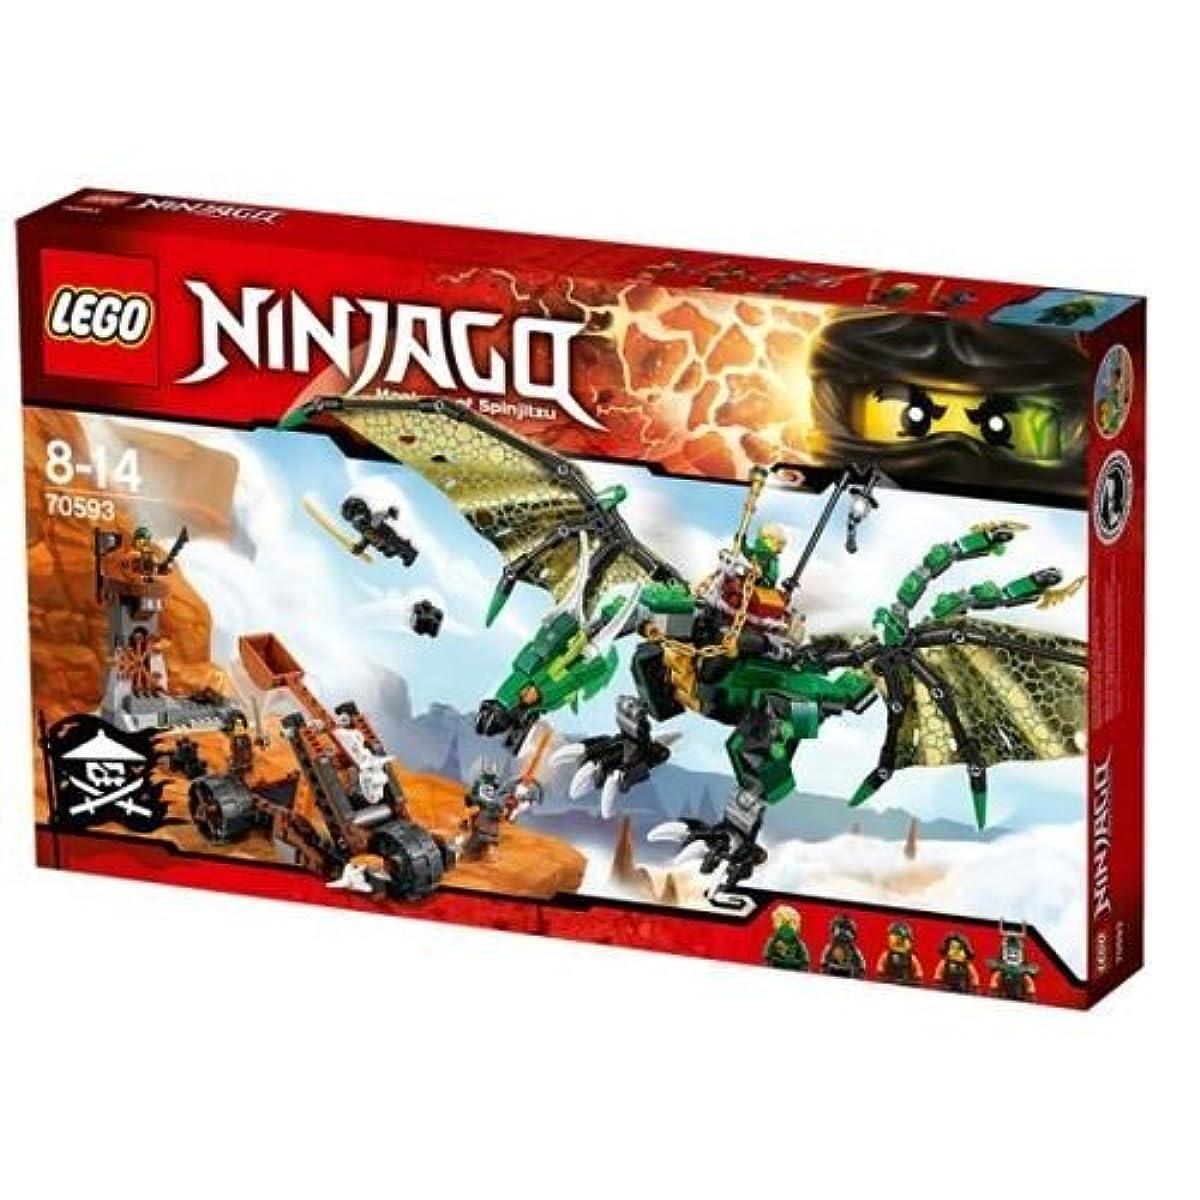 [해외] 레고 (LEGO) 닌자고 그린 닌자(로이드)의 element드래곤 70593-70593 (2016-06-03)